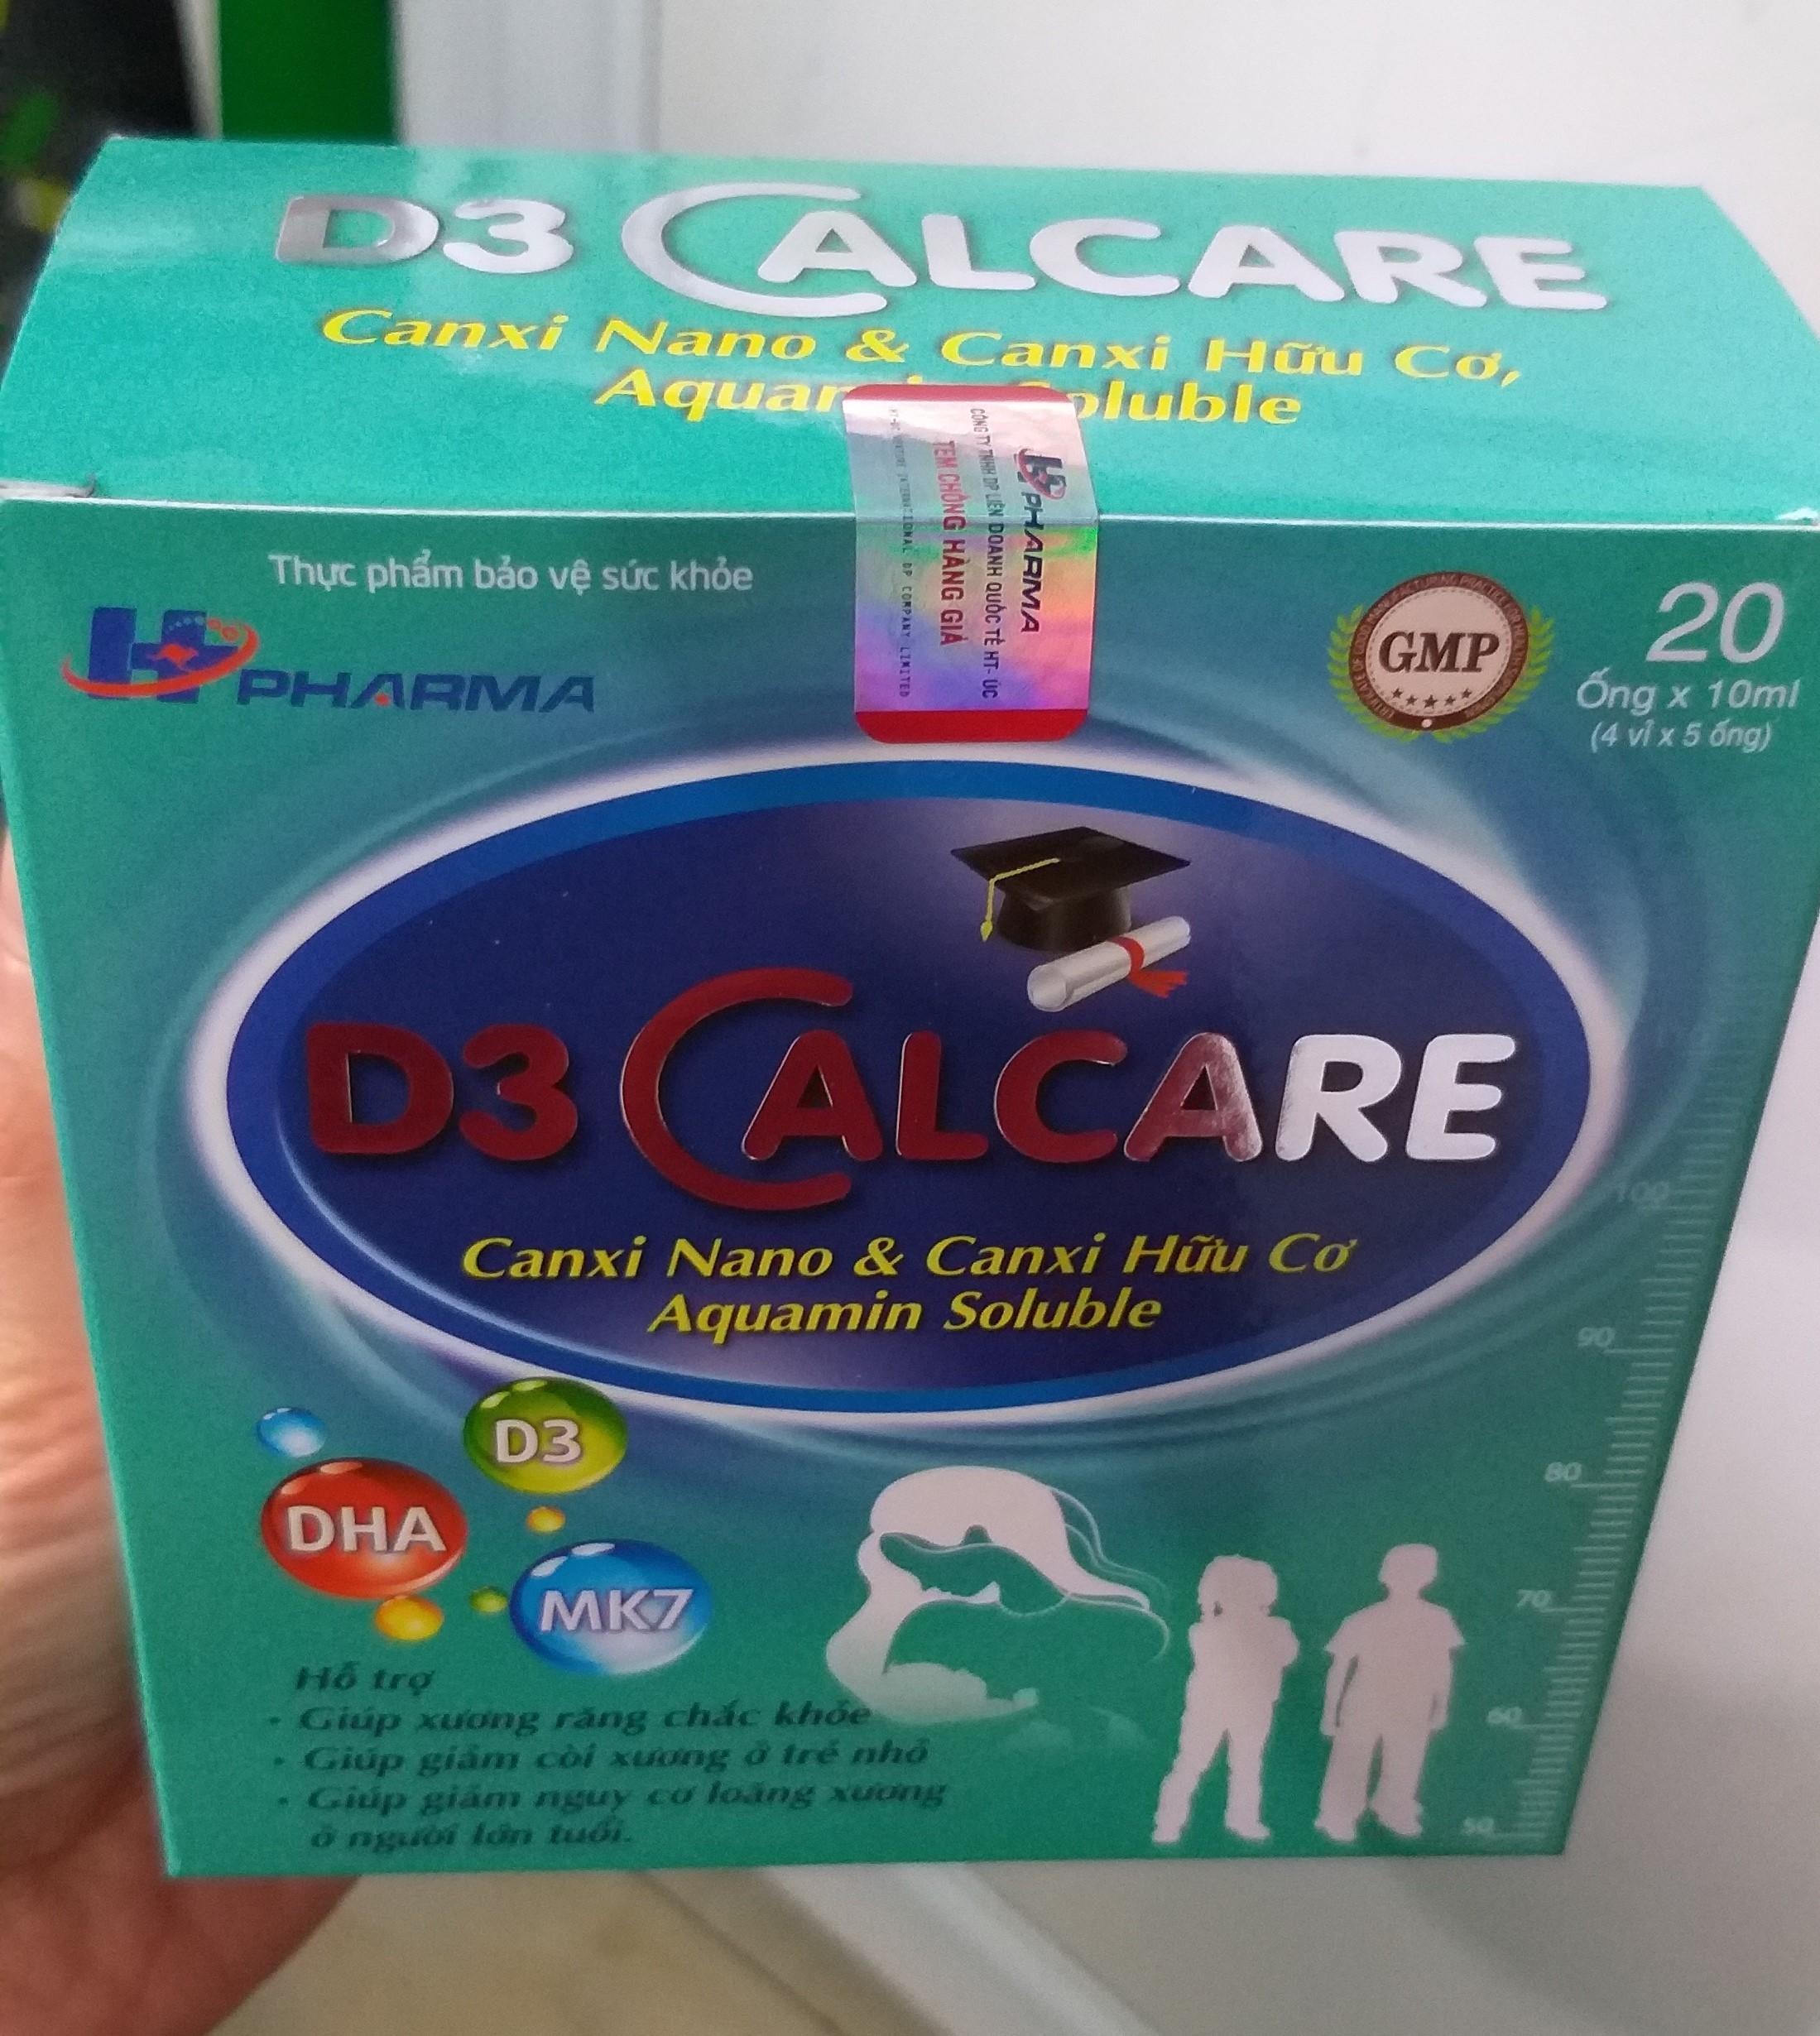 D3 Calcare Bổ sung canxi nano thệ hệ mới,Canxi tảo biển, MK7, Vitamin D3 giúp bé phát triển chiều cao, ngừa còi xương suy dinh dưỡng